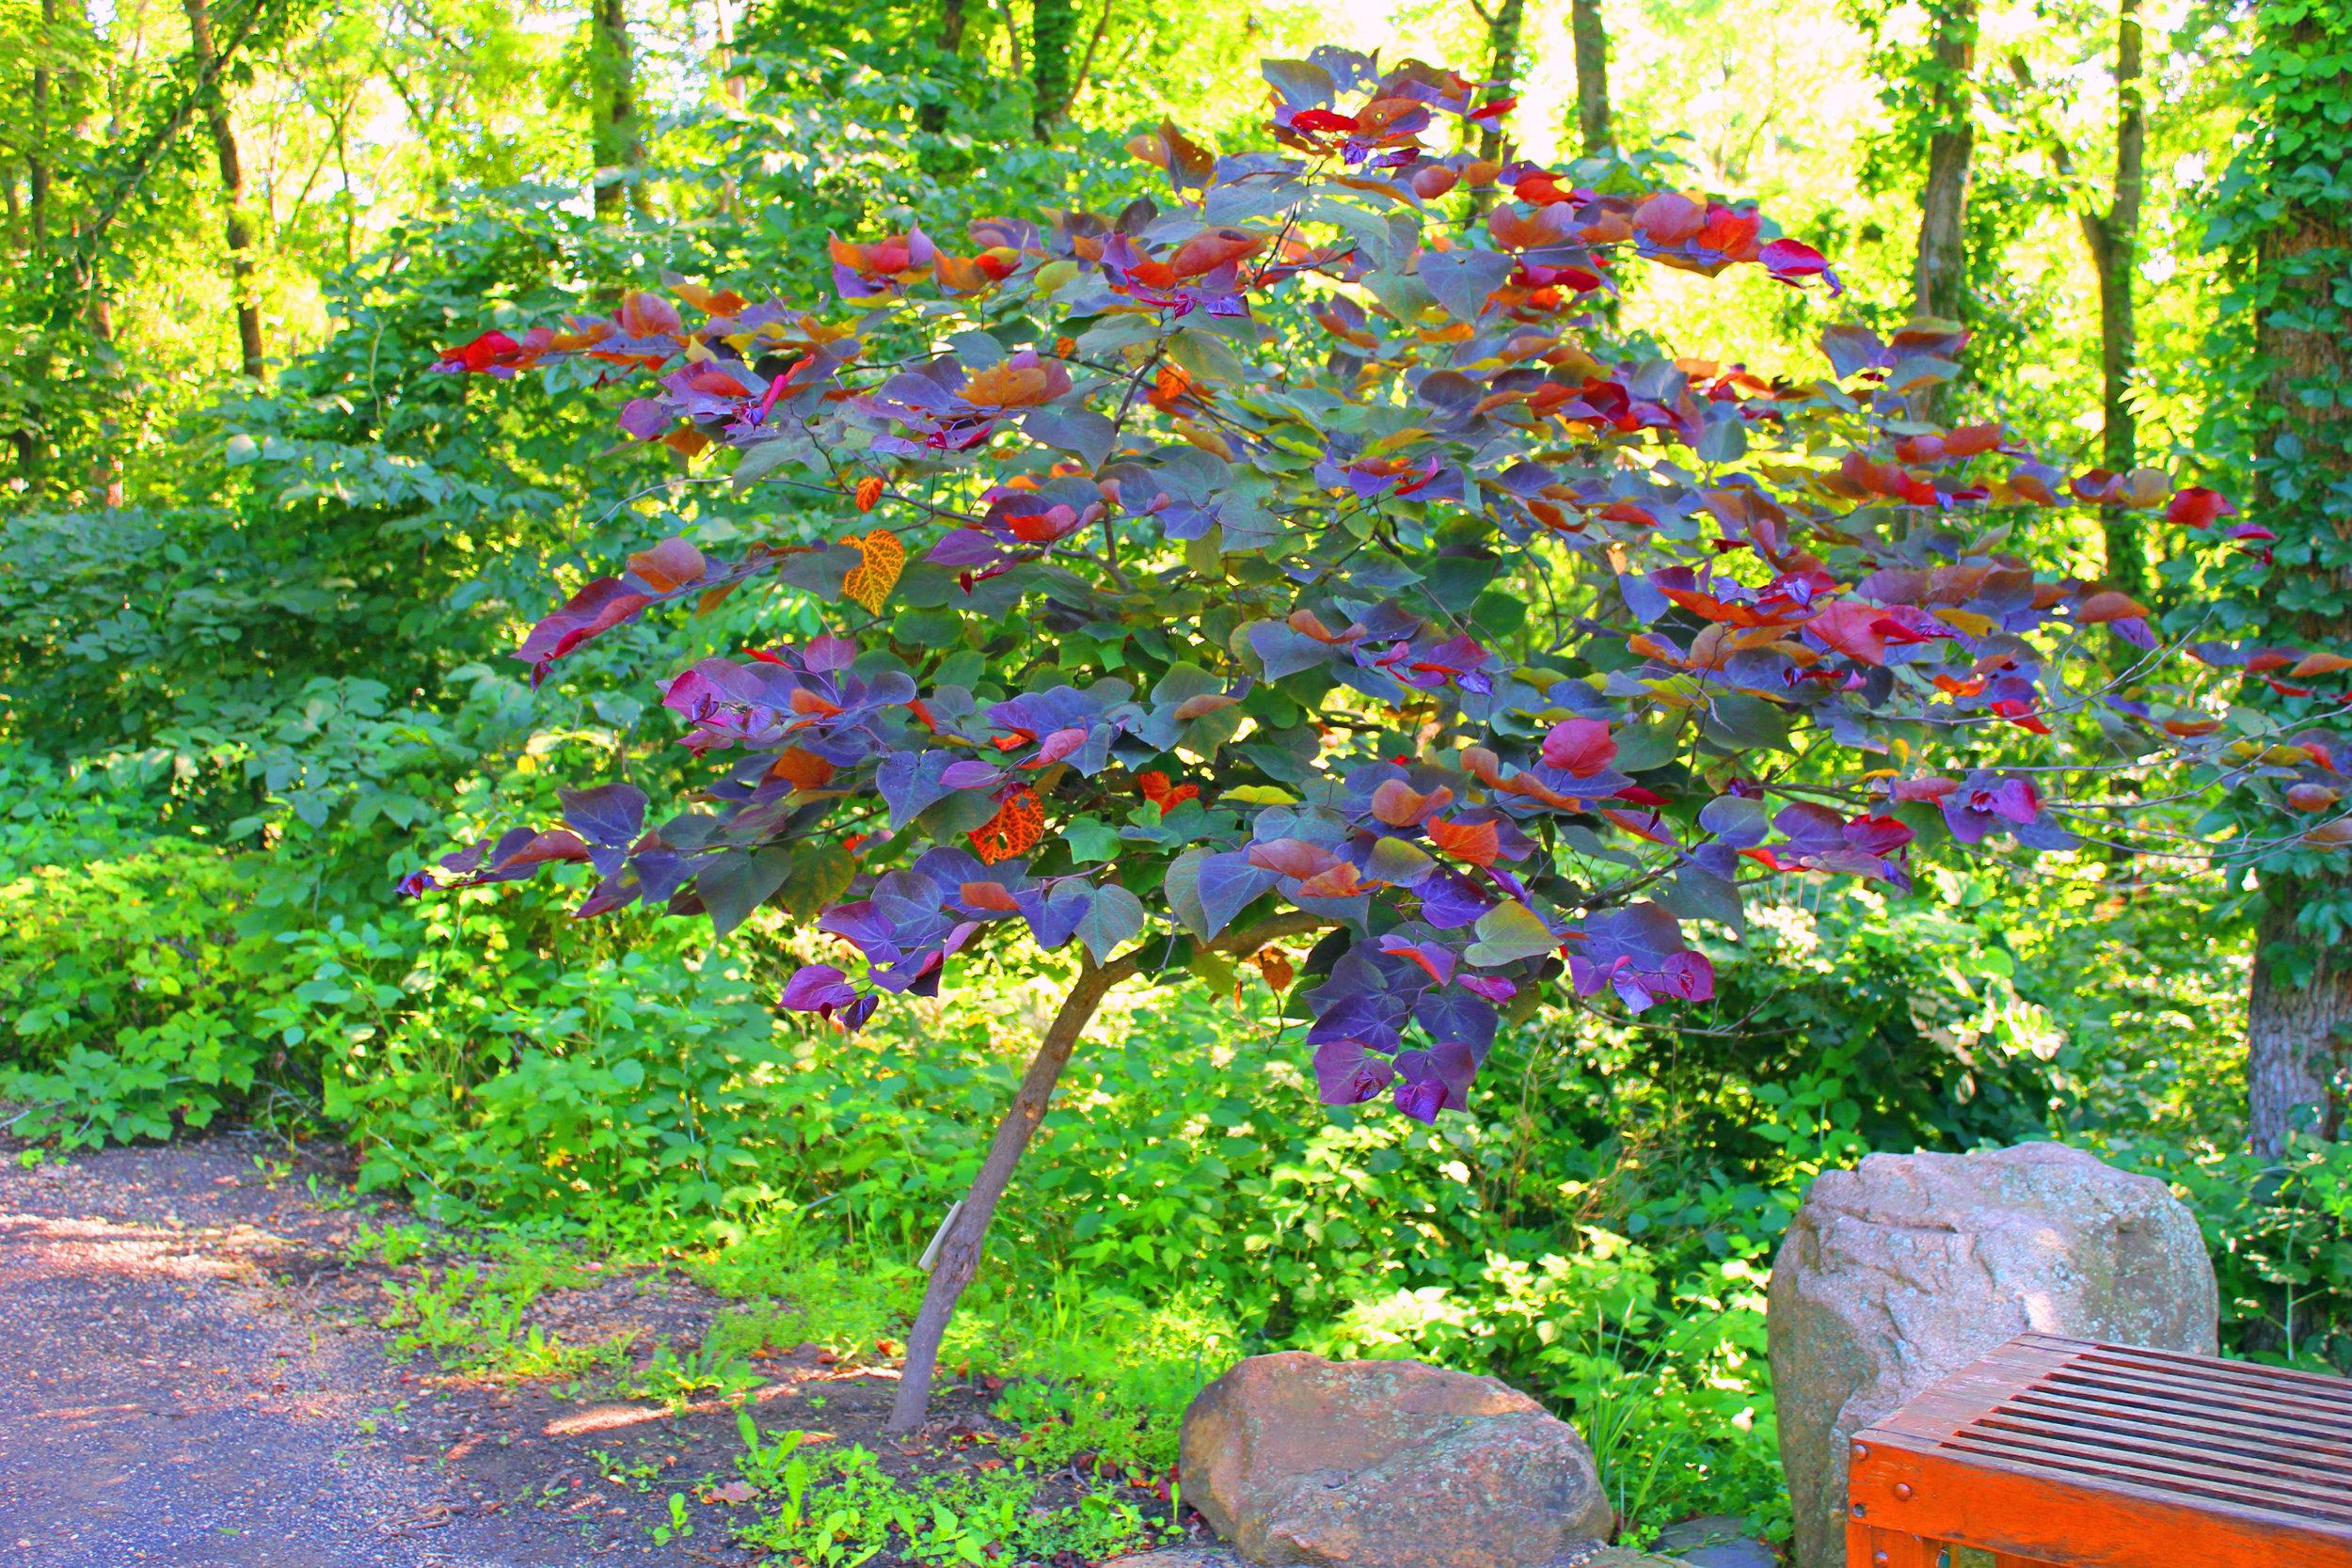 Arboretum-2-1.jpg